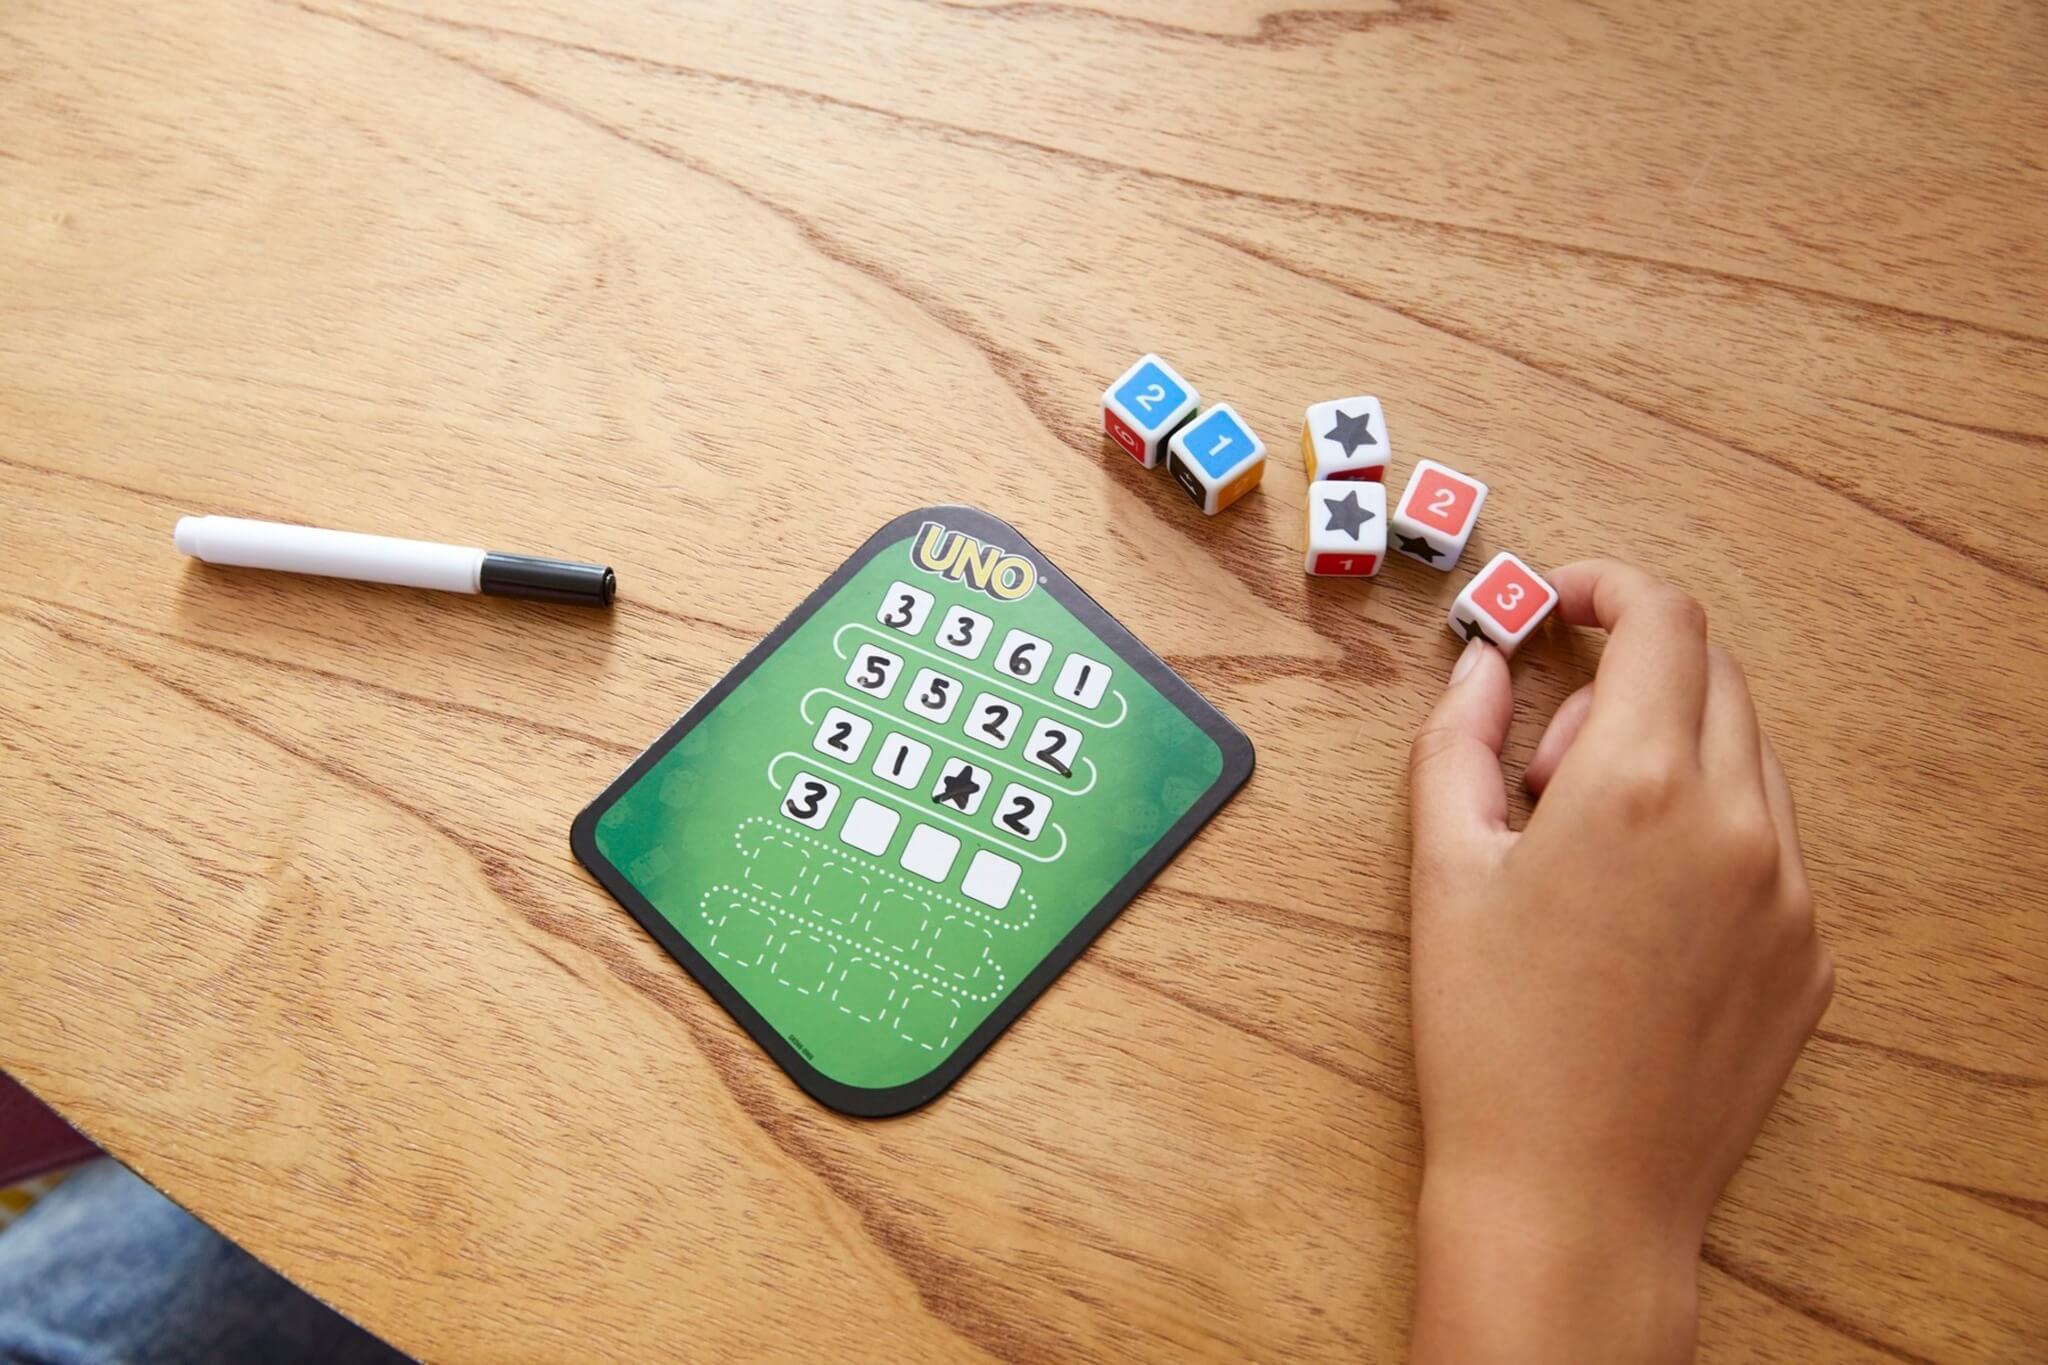 Spielmaterial - Würfel, Stift und Block- UNO - Das Würfelspiel